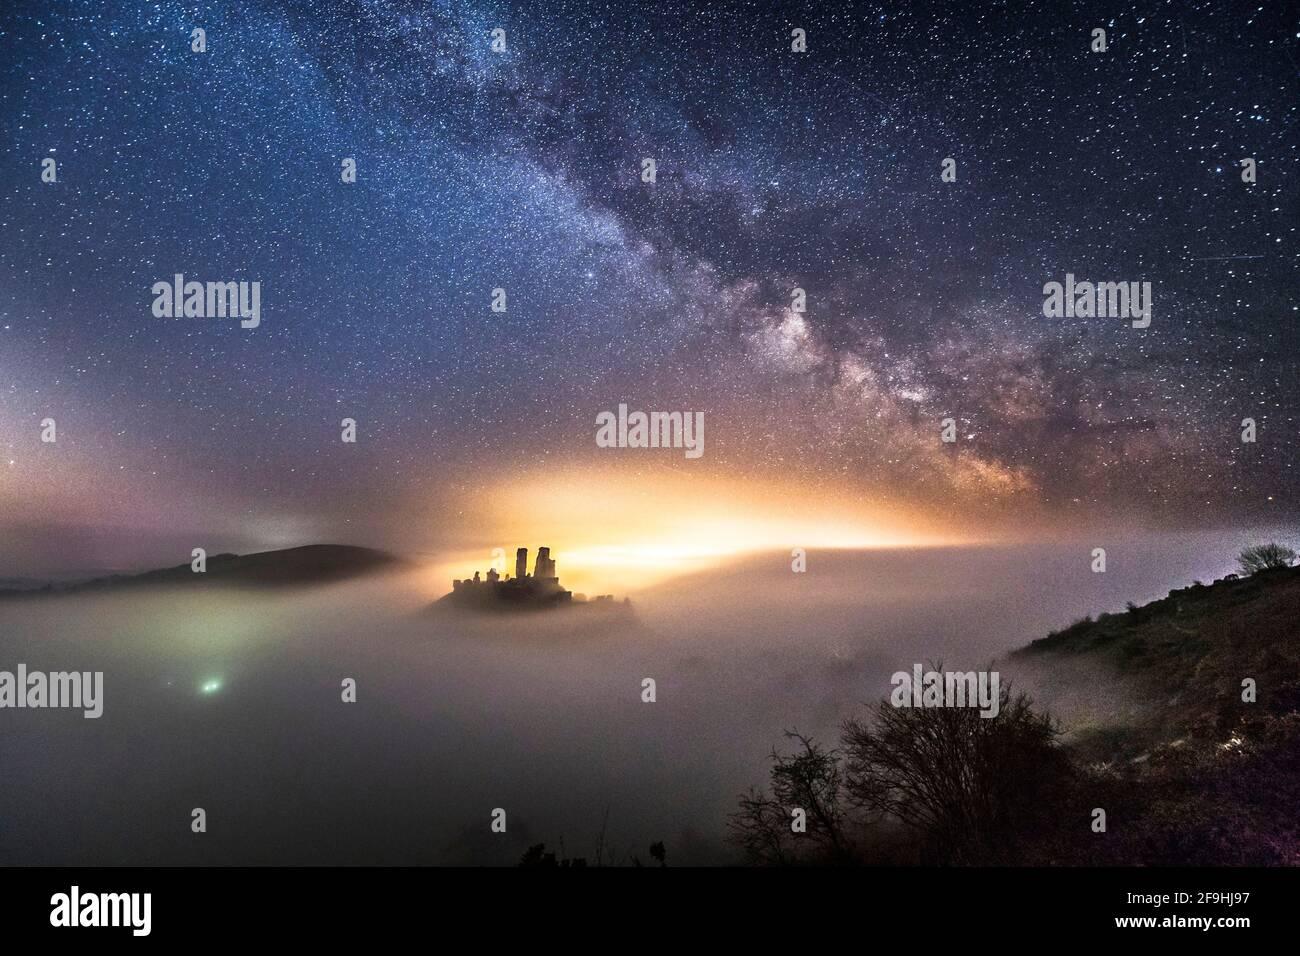 Corfe Castle, Dorset, Regno Unito. 19 aprile 2021. Regno Unito Meteo. La Via Lattea si illumina di luce sopra il Castello di Corfe in Dorset, circondato da un folto mare di nebbia in una fredda notte chiara. Picture Credit: Graham Hunt/Alamy Live News Foto Stock